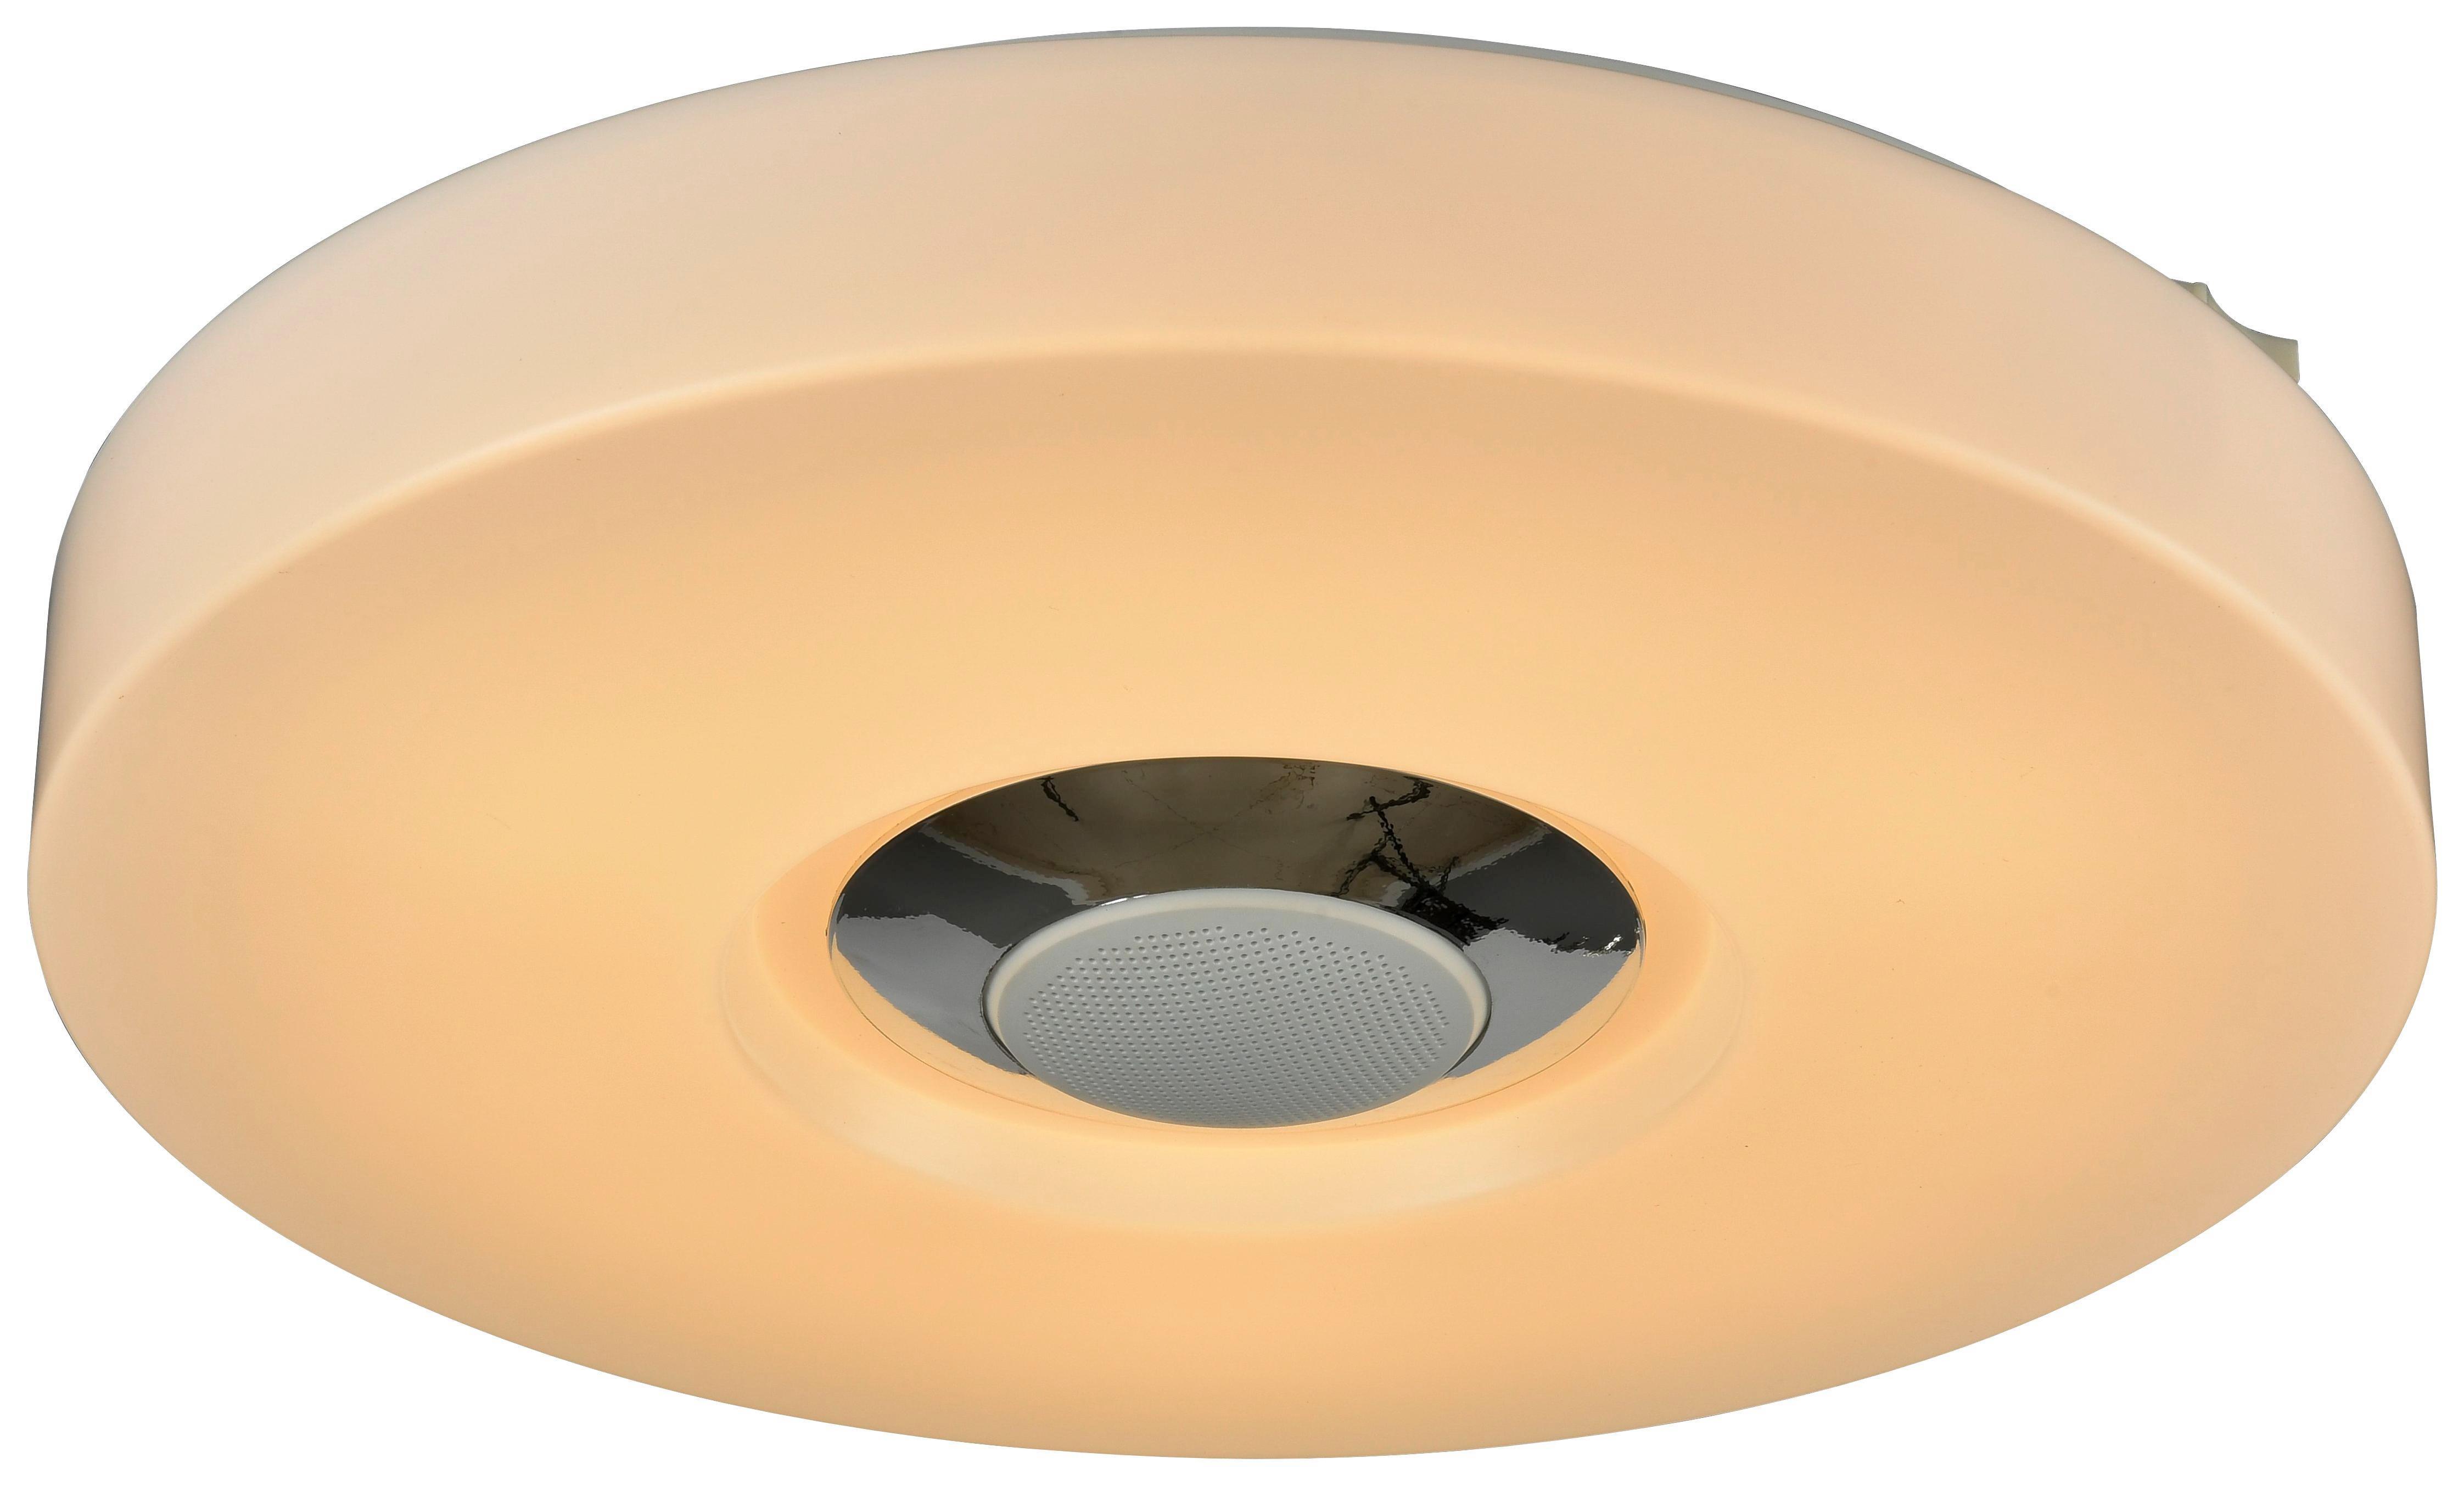 LED-Deckenleuchte Prima, max. 15 Watt - Weiß, Kunststoff/Metall (35/6cm)